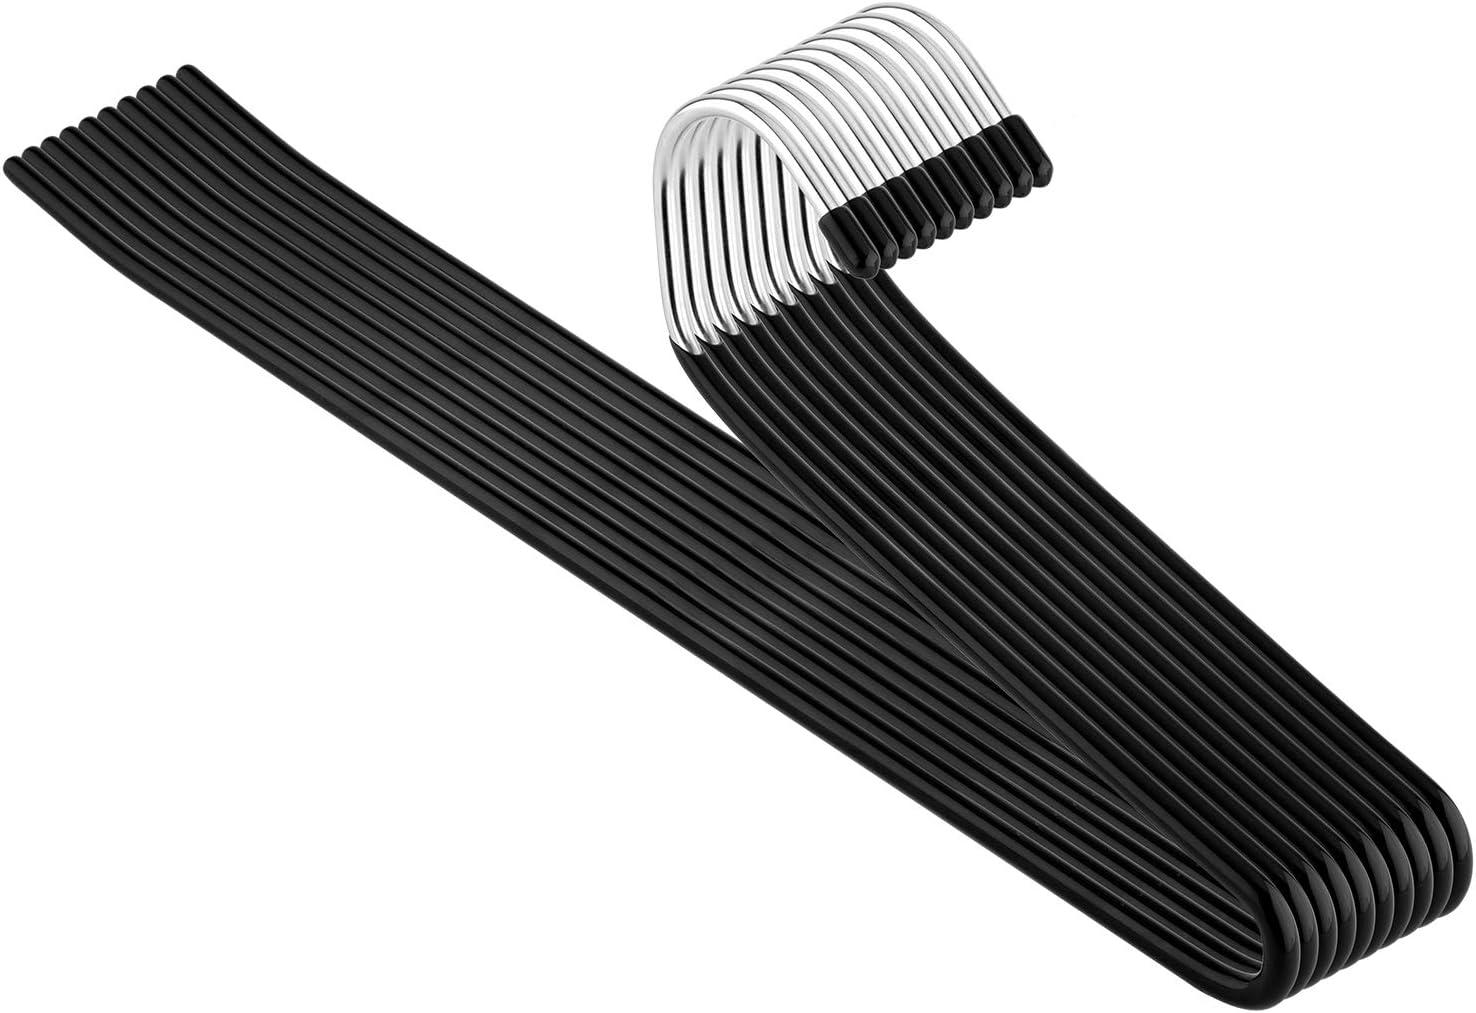 Trouser Hangers Pack of 20 Slack Pant Hangers Open-Ended Metal Easy Slide